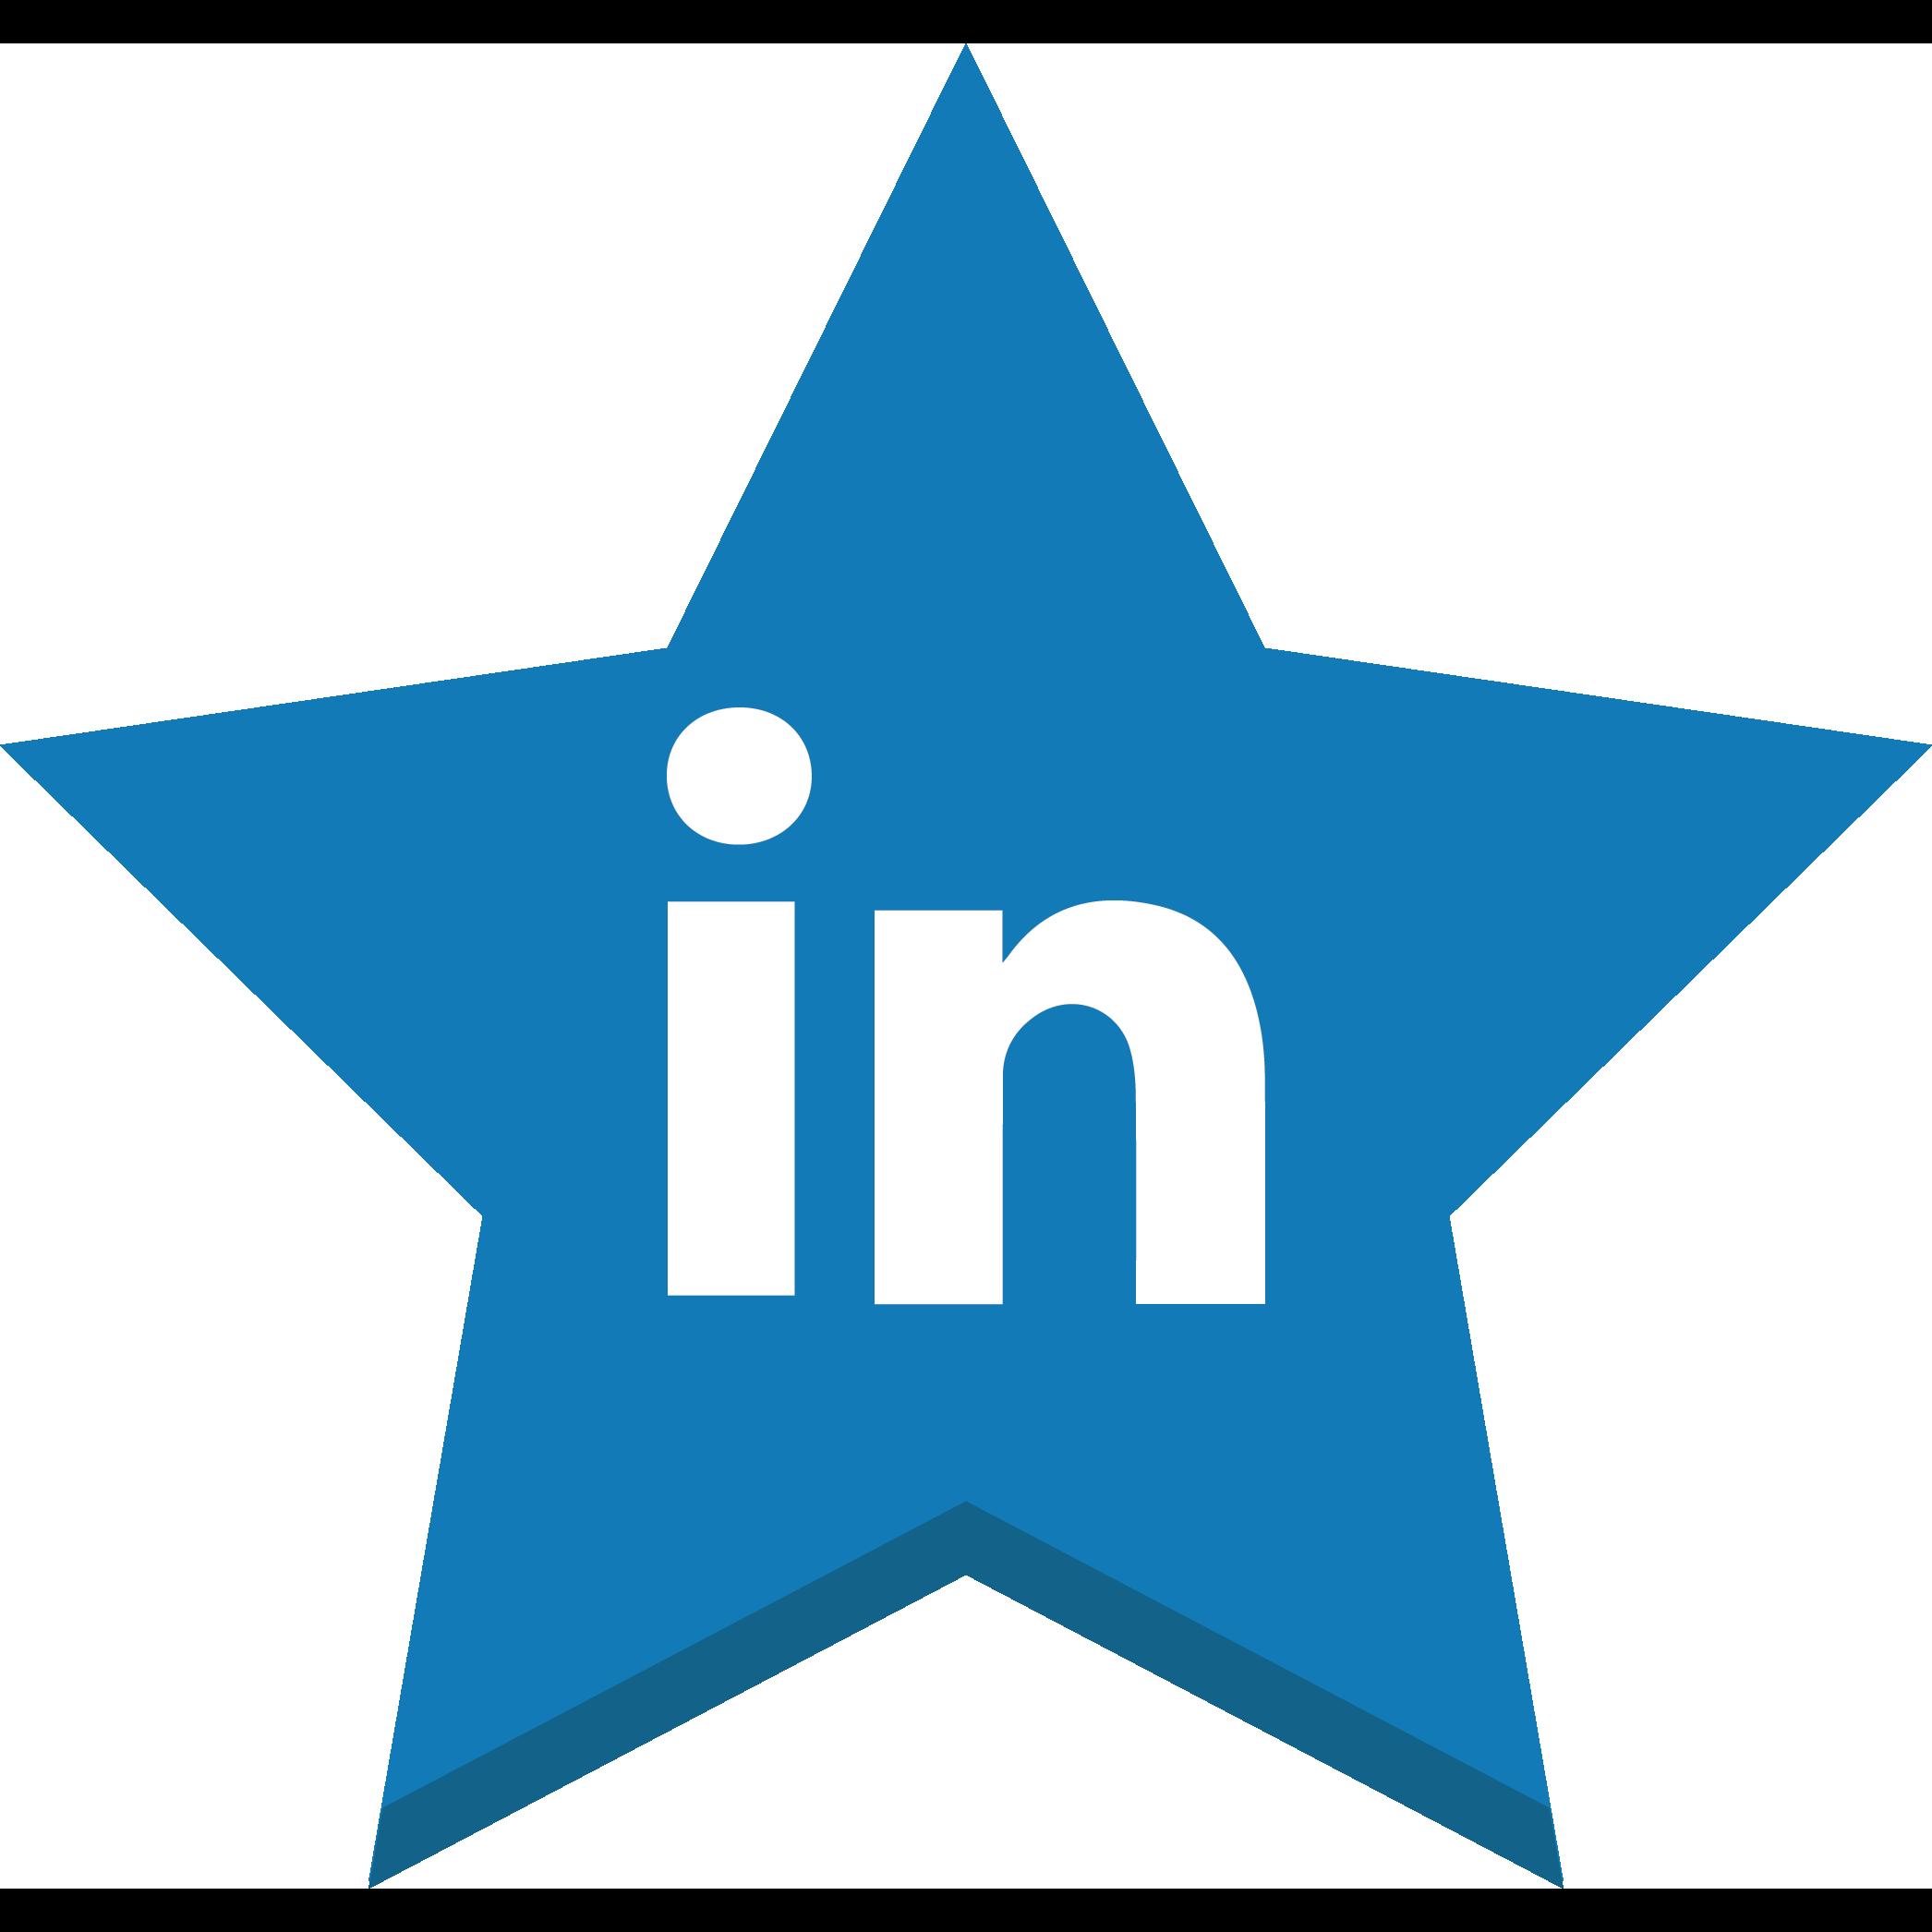 best, favorite, in, linkedin, socal, star, win icon